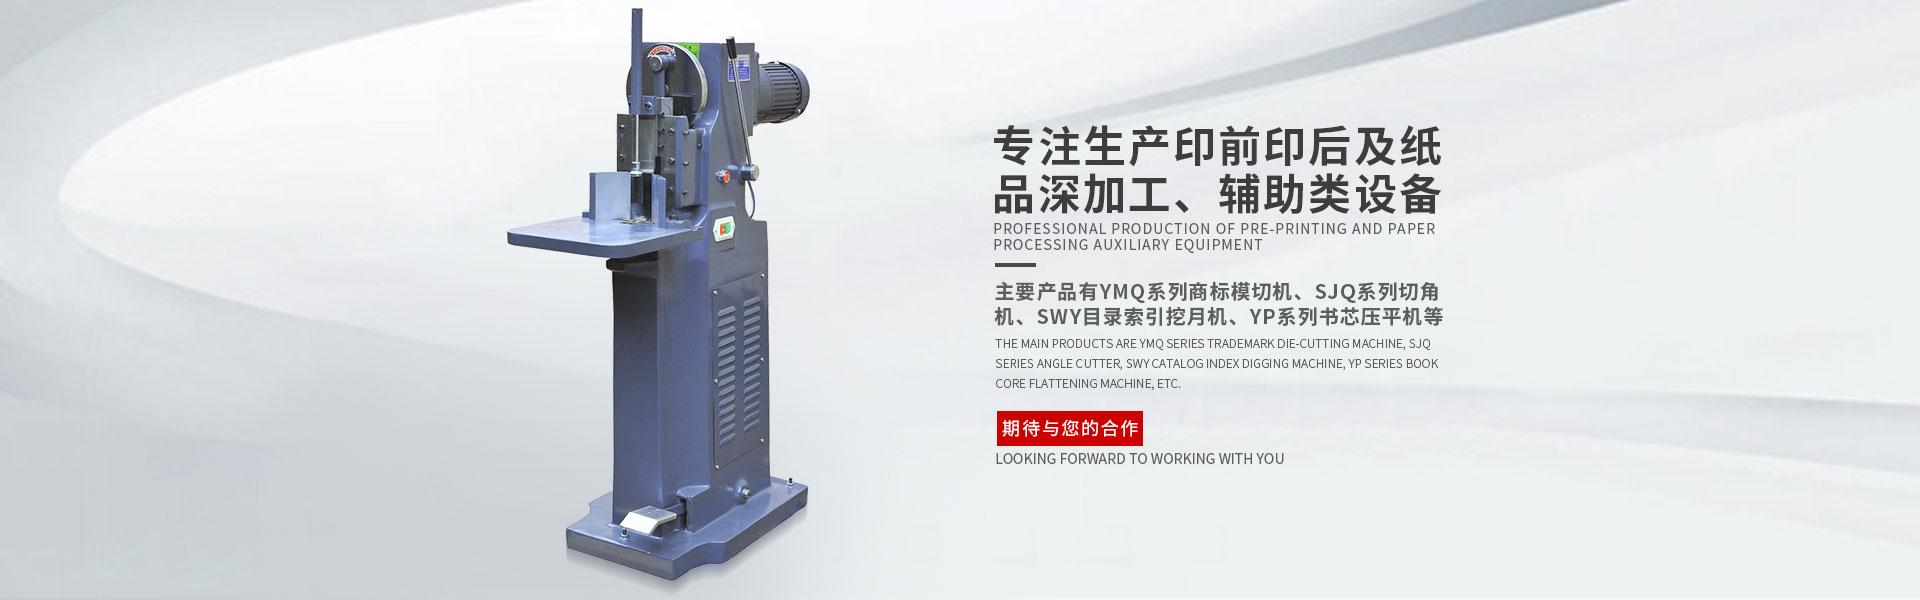 温州市旭日印刷机械有限公司